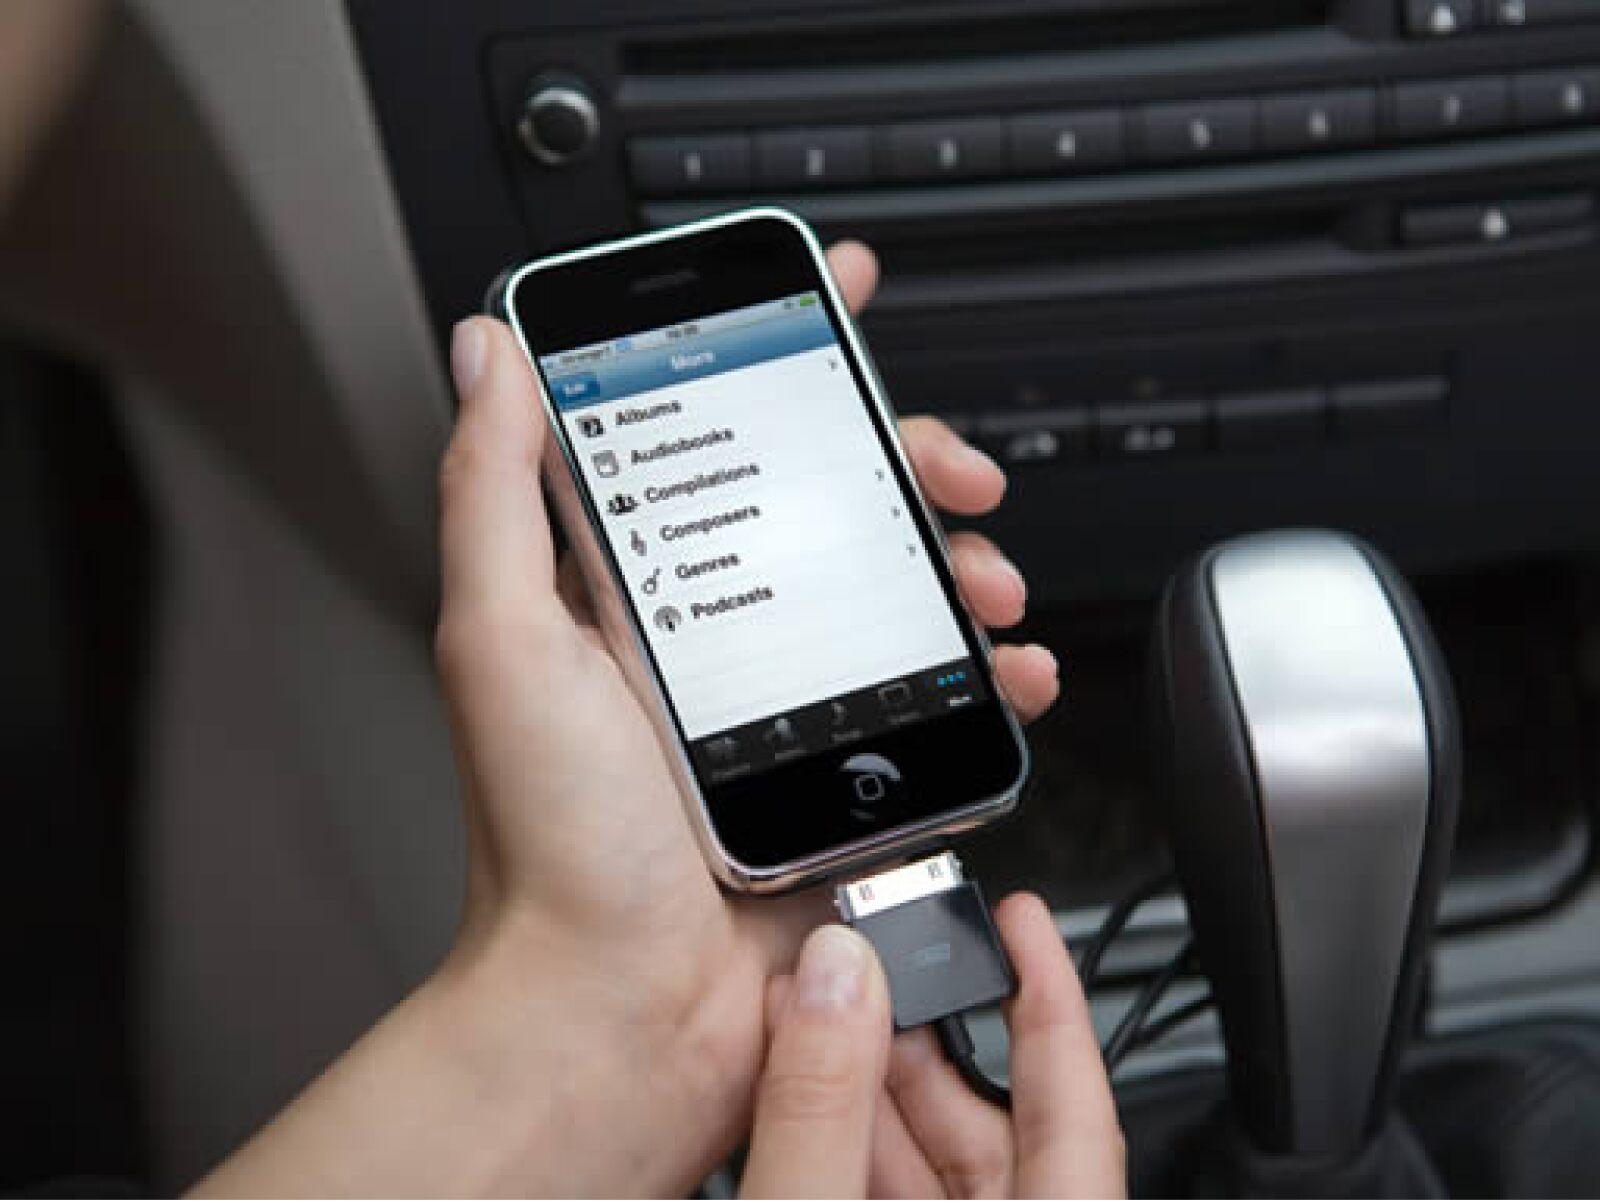 Parrot cuenta con los conectores necesarios para ser utilizado con un iPhone o iPod.